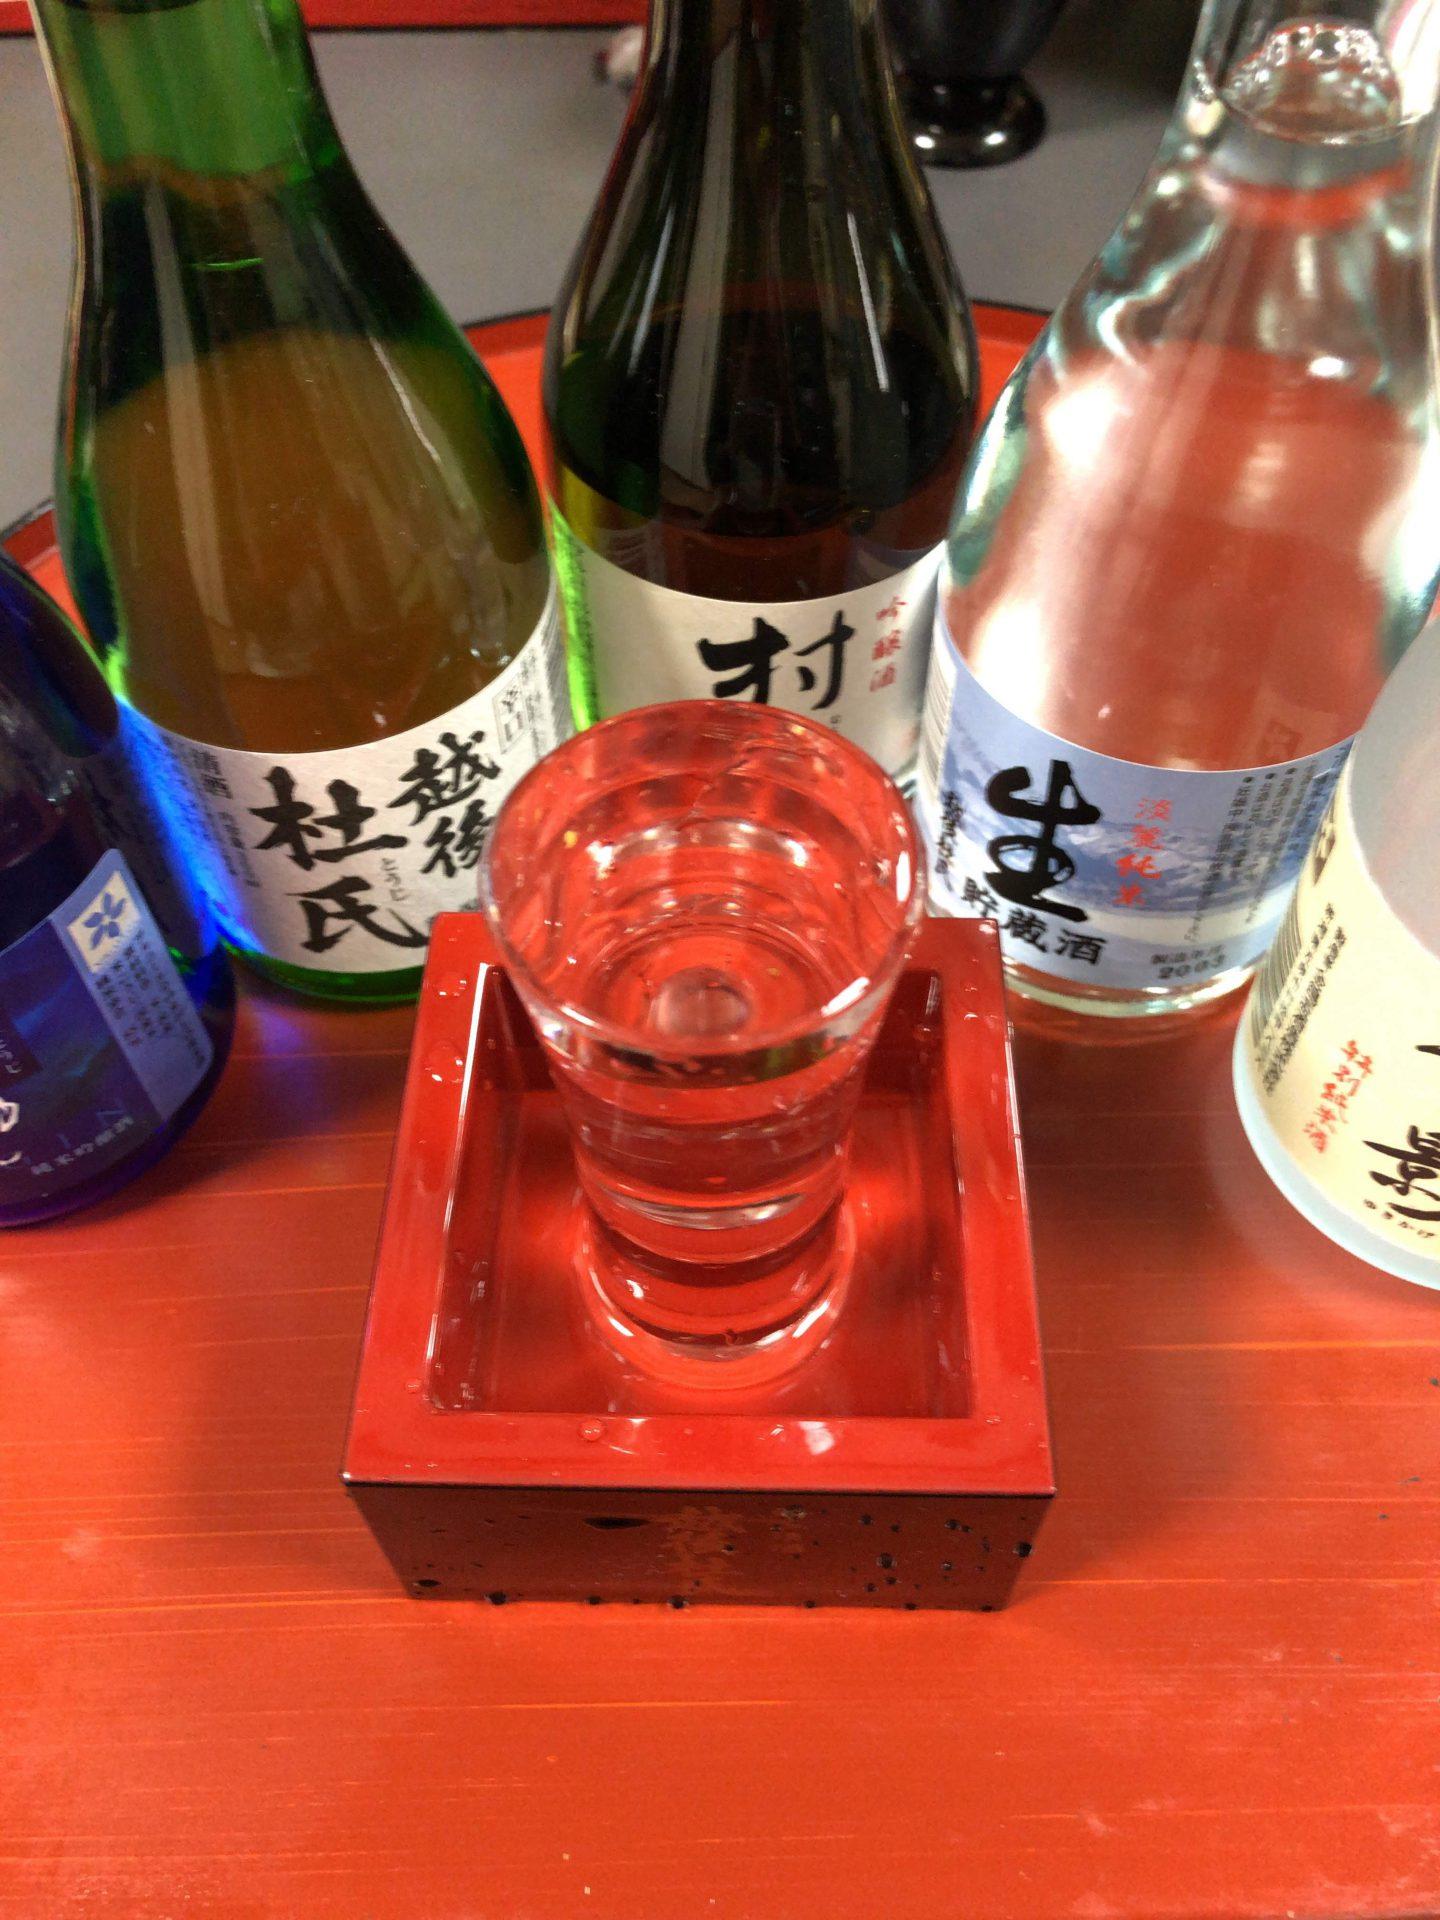 福井に行った時の話を新潟の地酒セットを呑みながらします!?